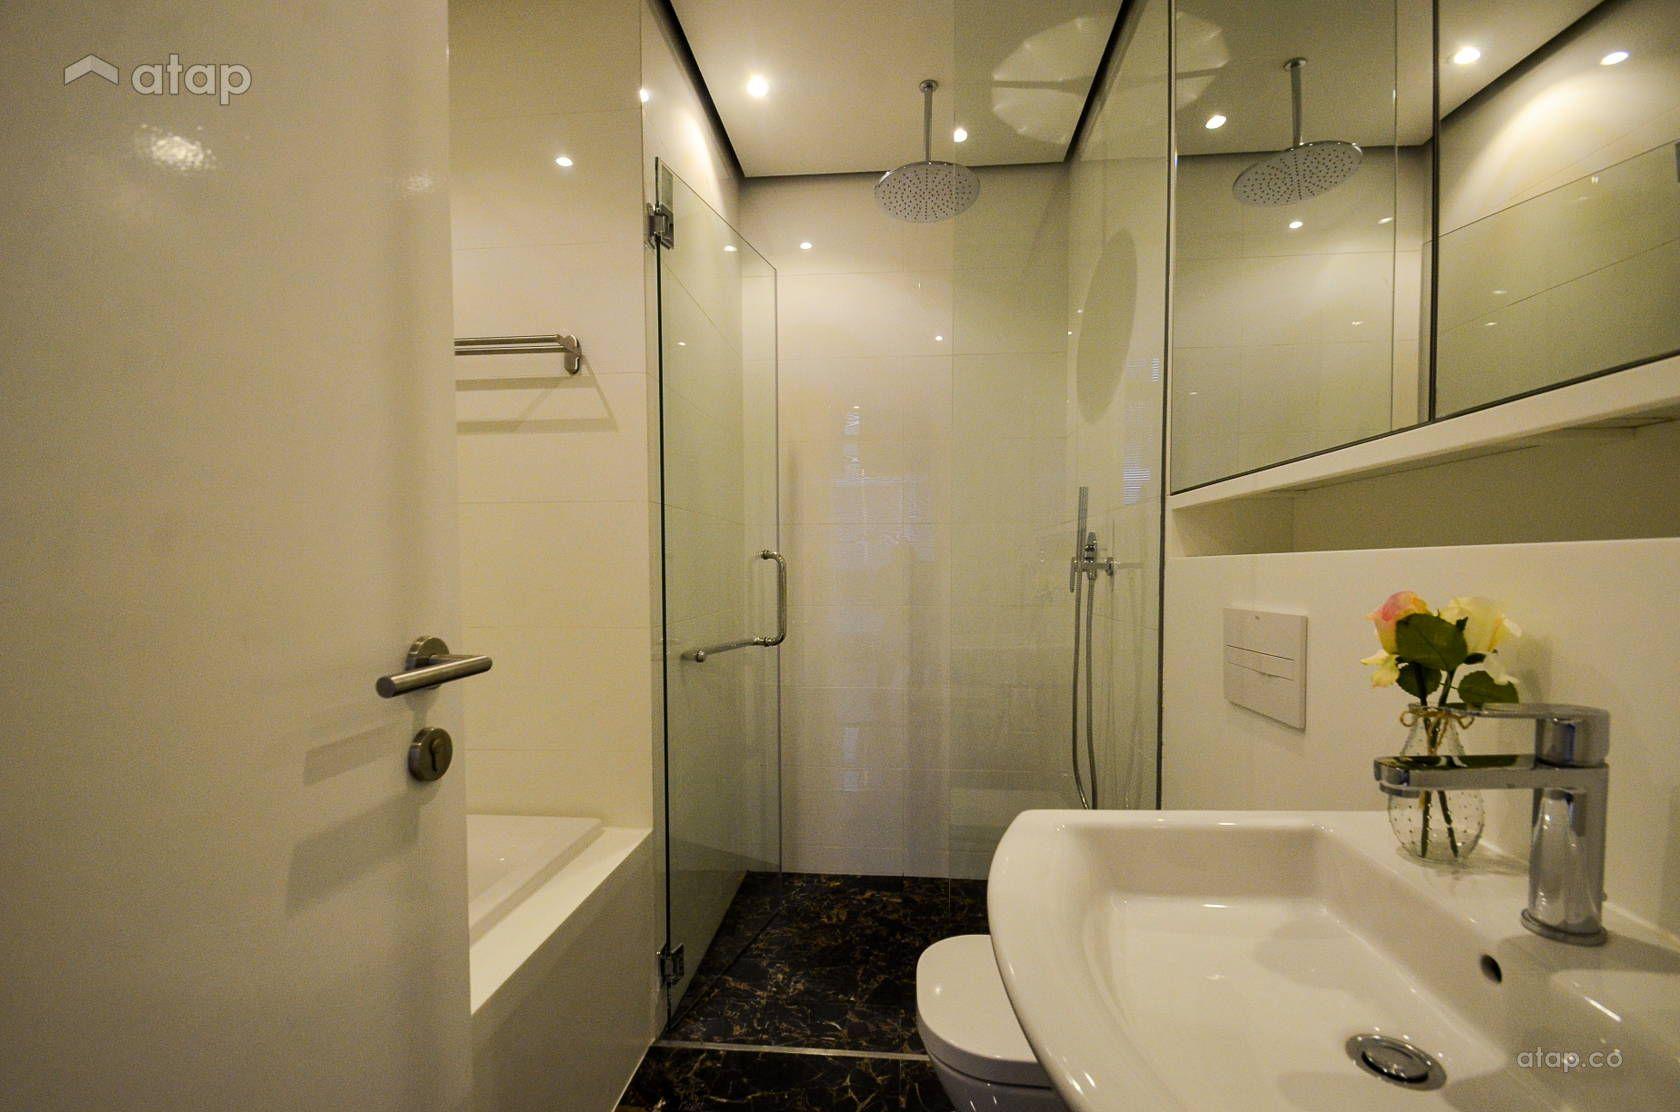 Minimalistic Bathroom Condominium Design Ideas Photos Malaysia Atap Co Condominium Design Design Interior